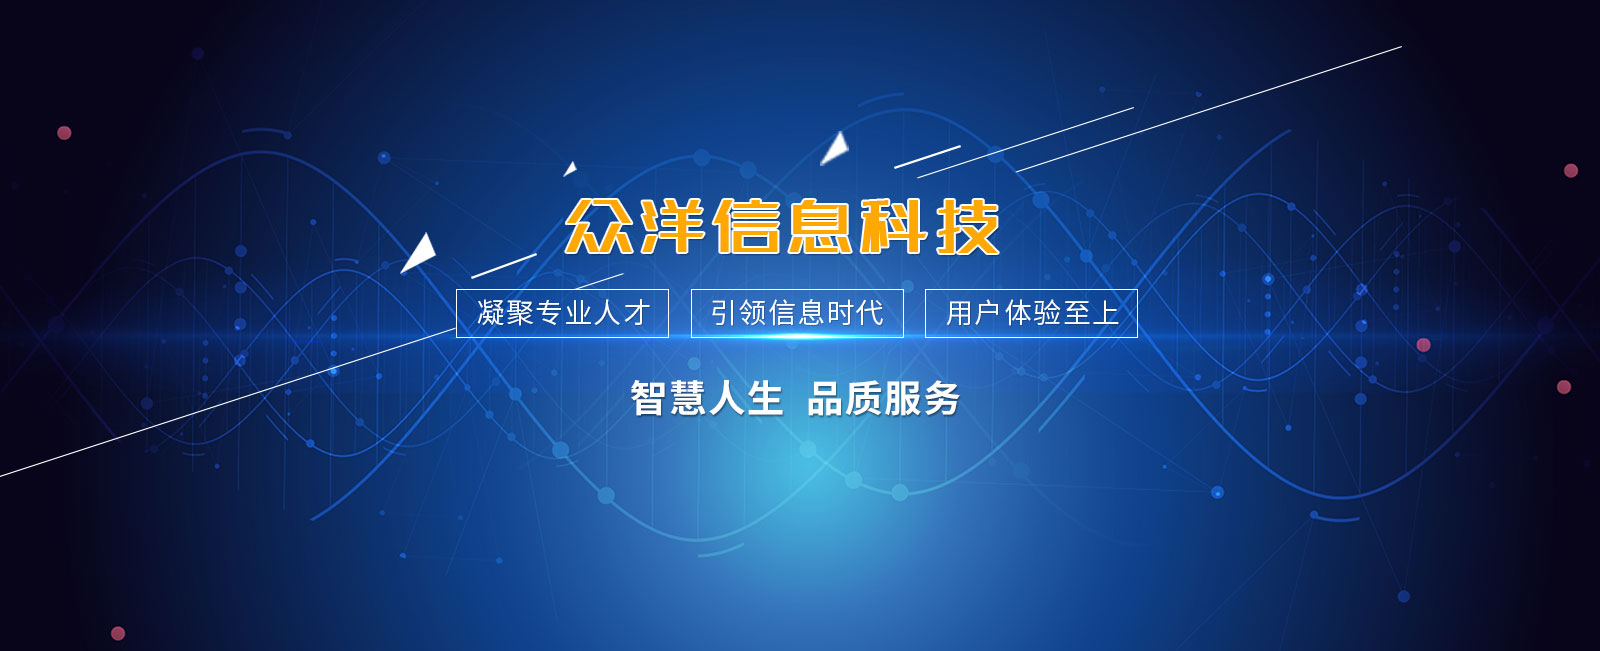 上海众洋信息科技有限公司